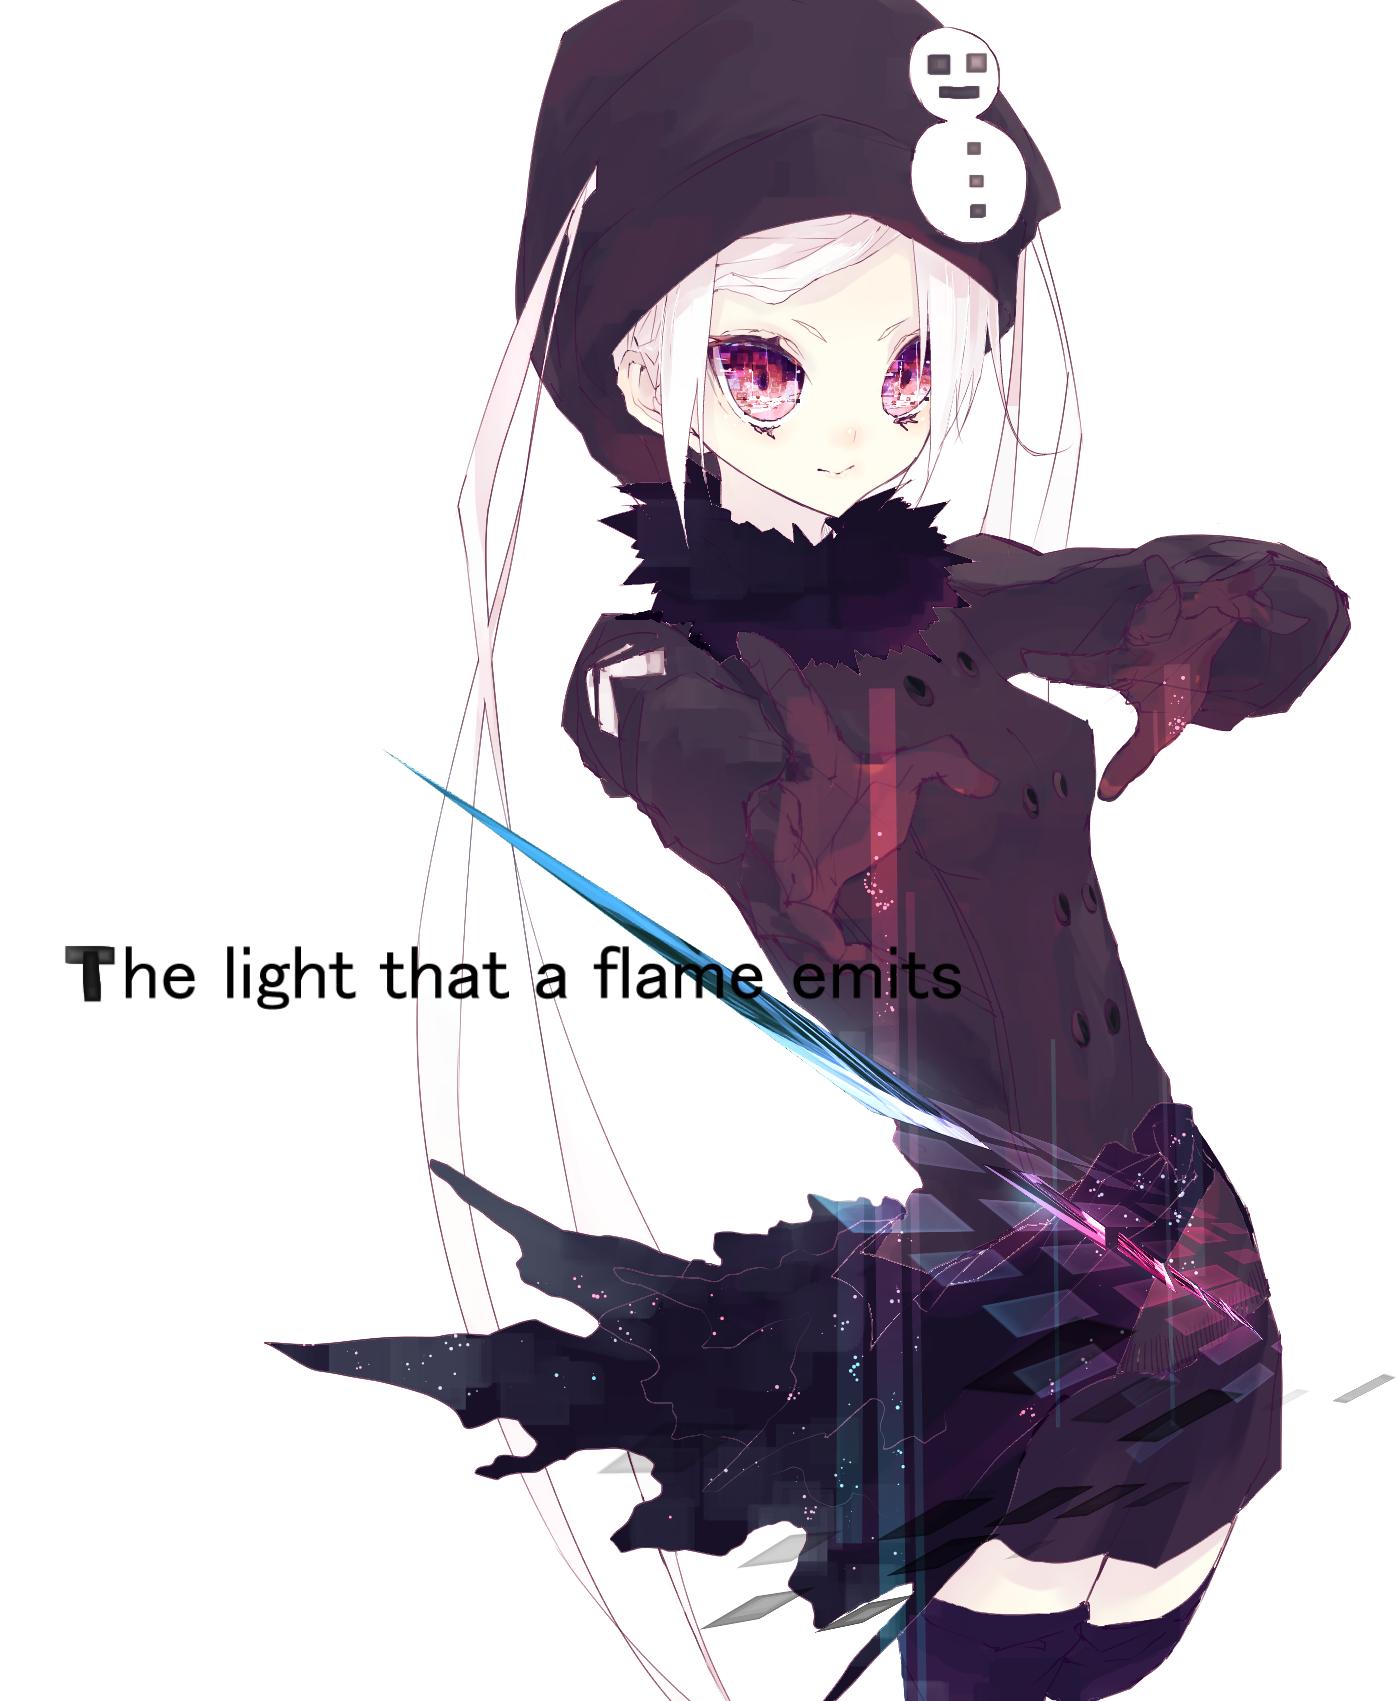 魔女さん2